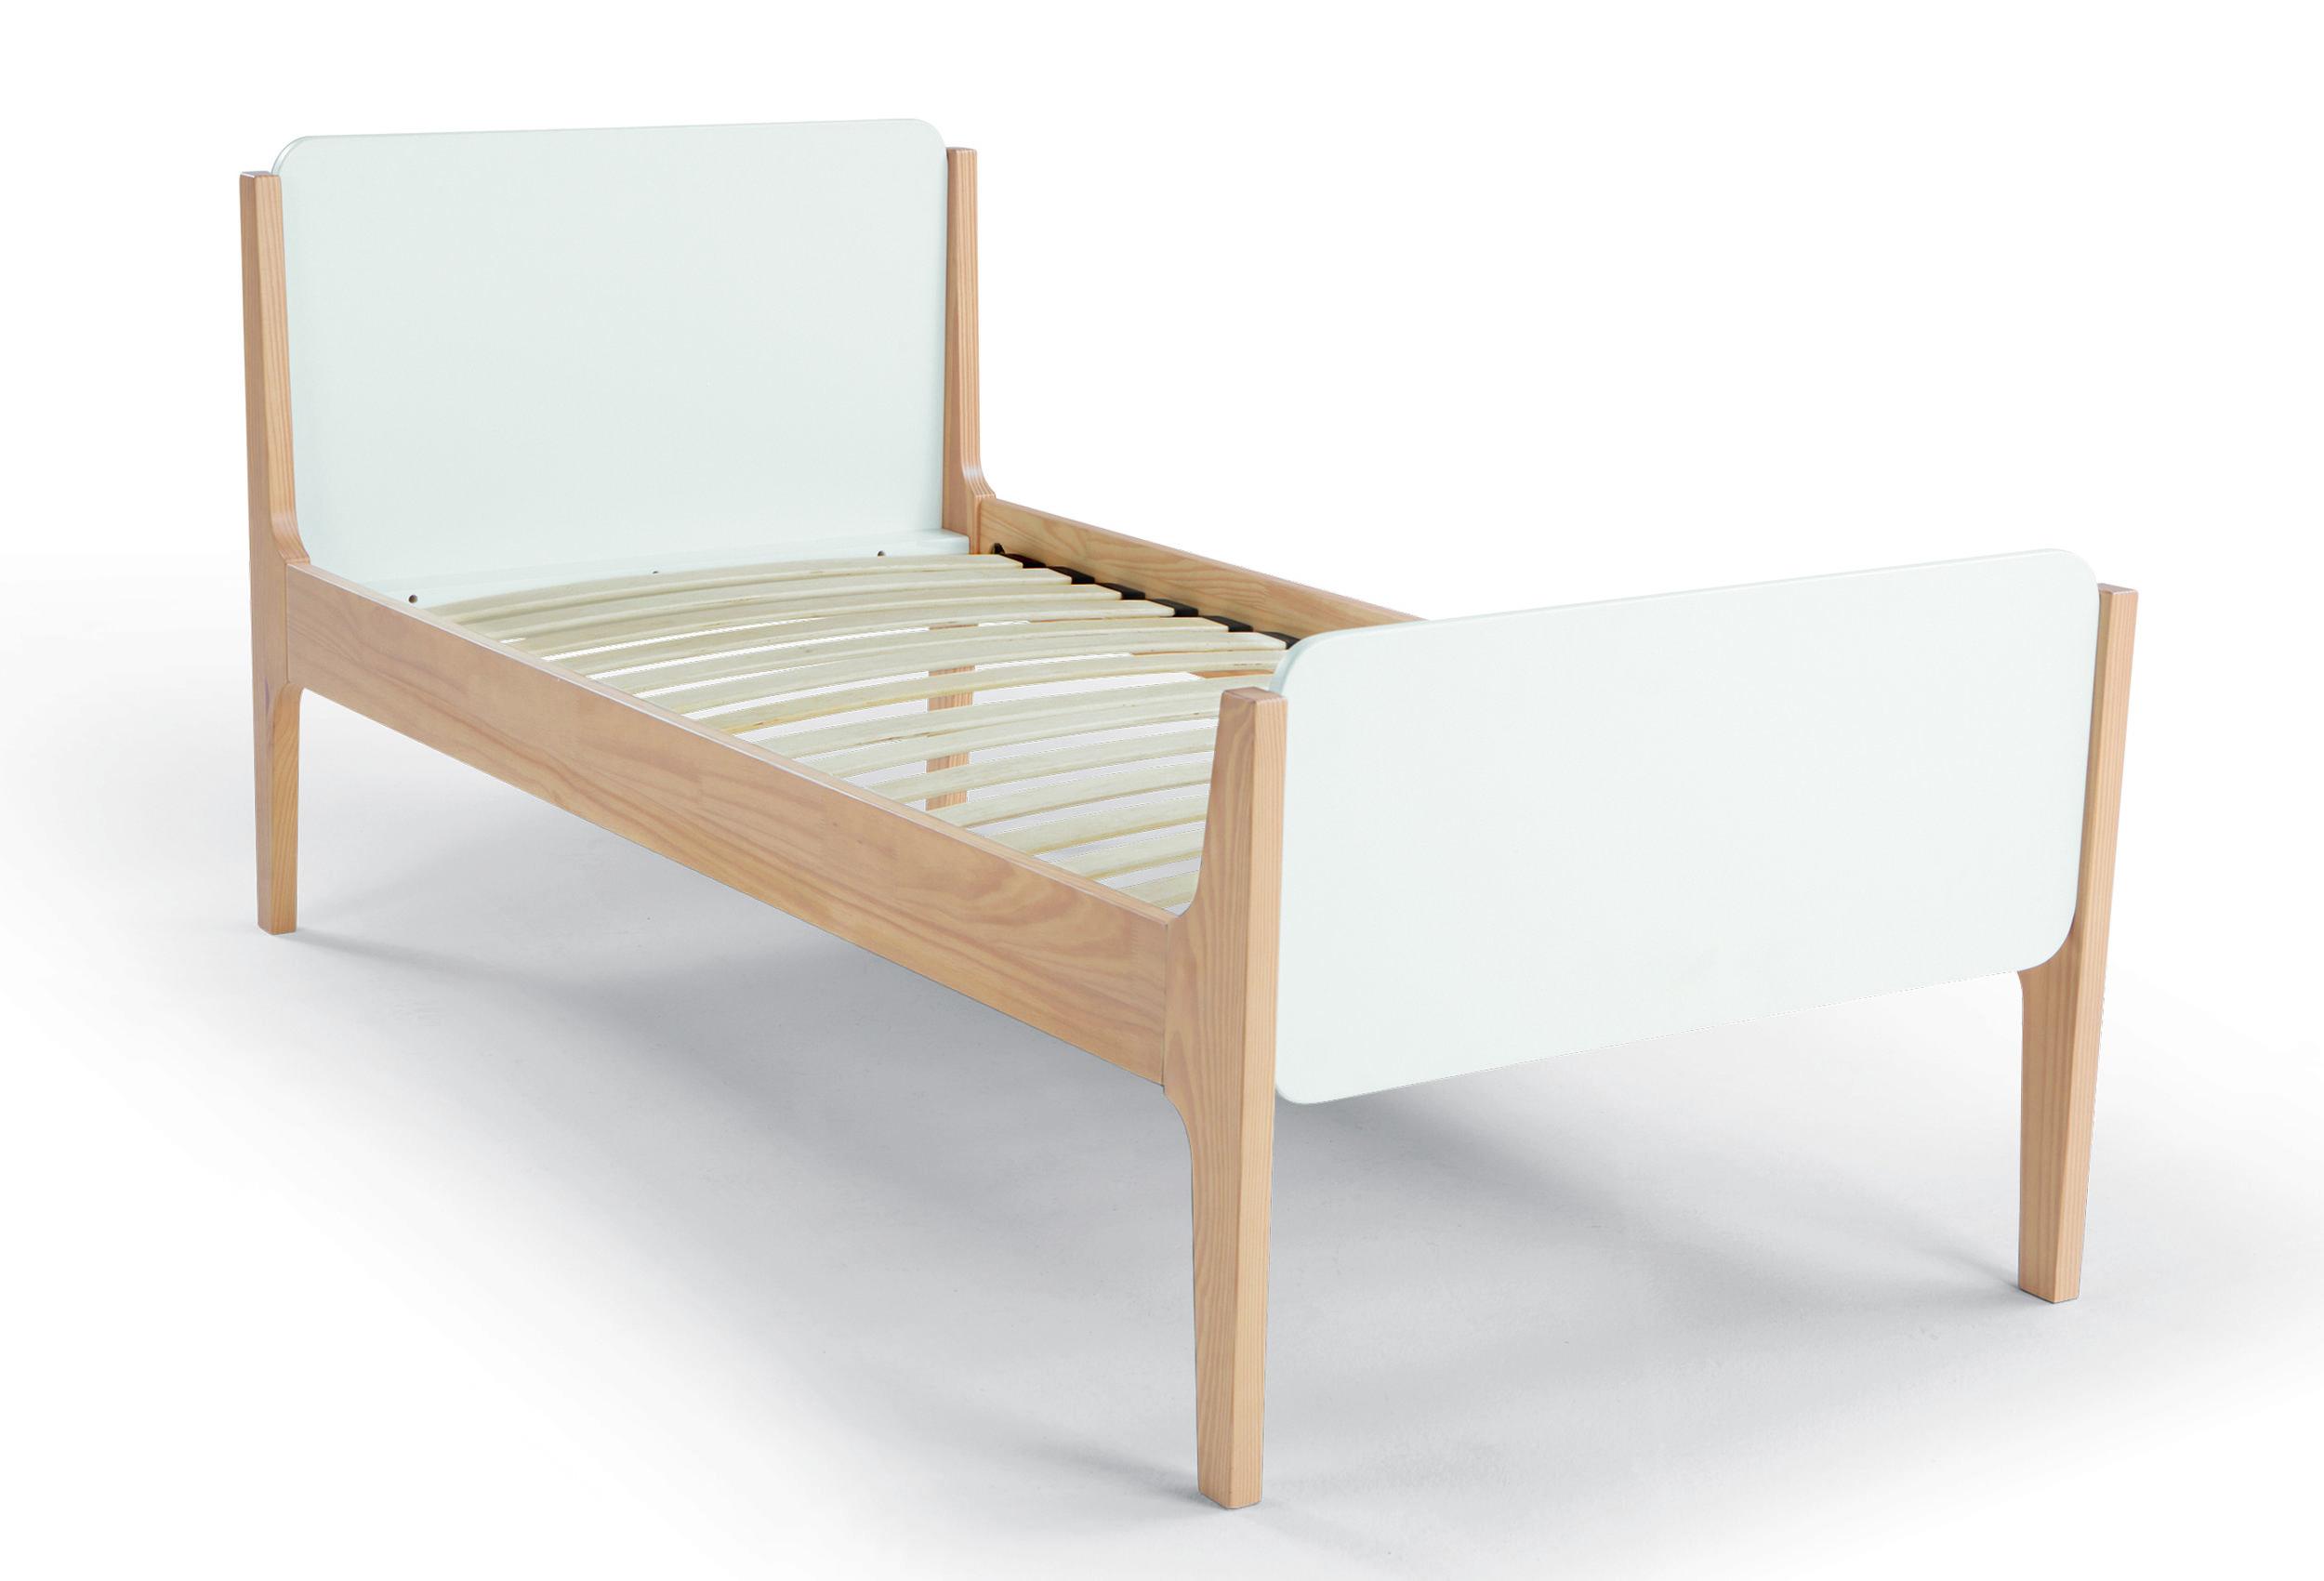 Linus single bed , £219, made.com (198.6cm x 99cm)